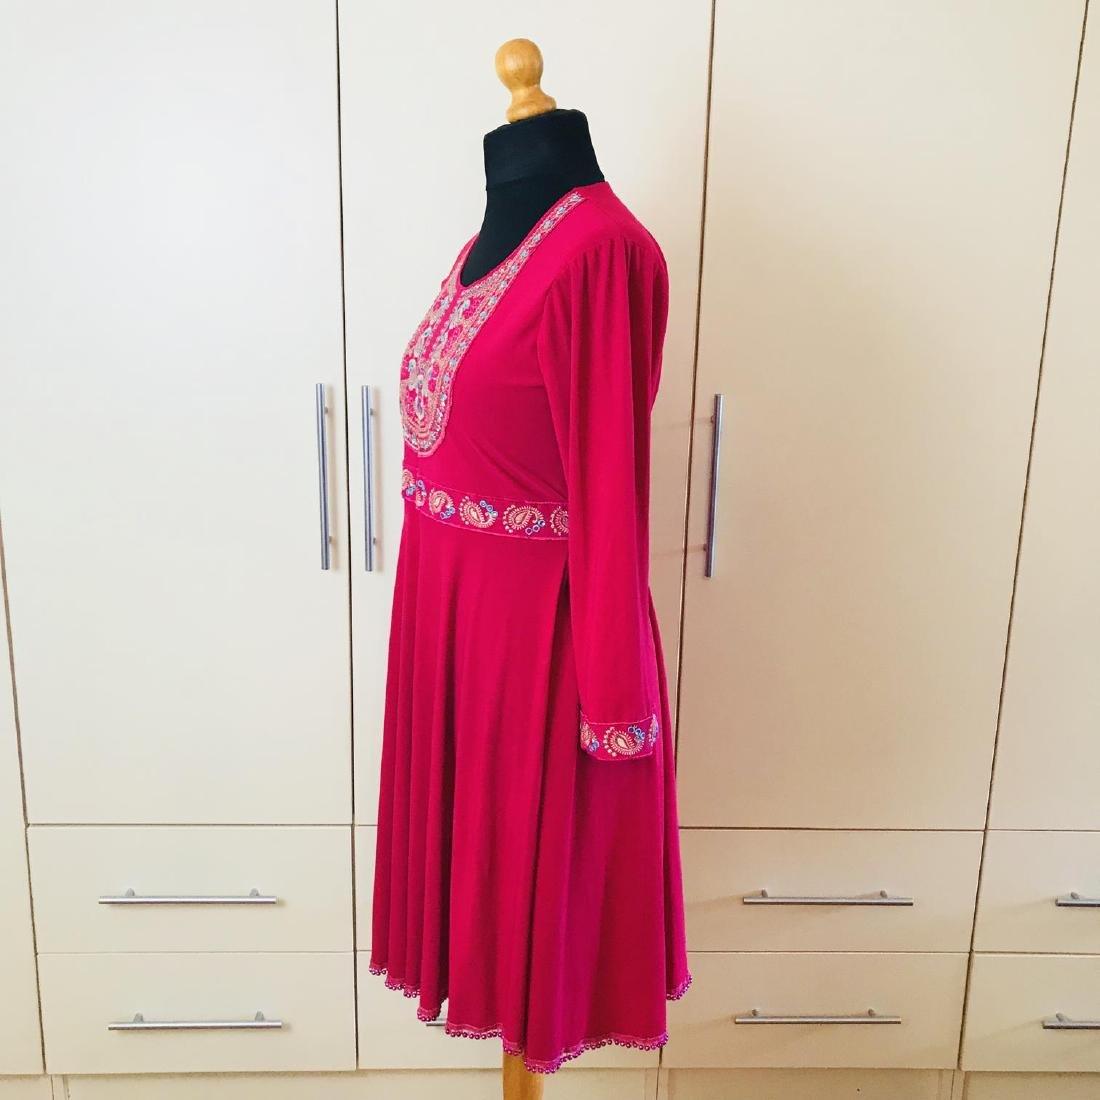 Vintage Women's Custom Handmade Designer Dress Size EUR - 4